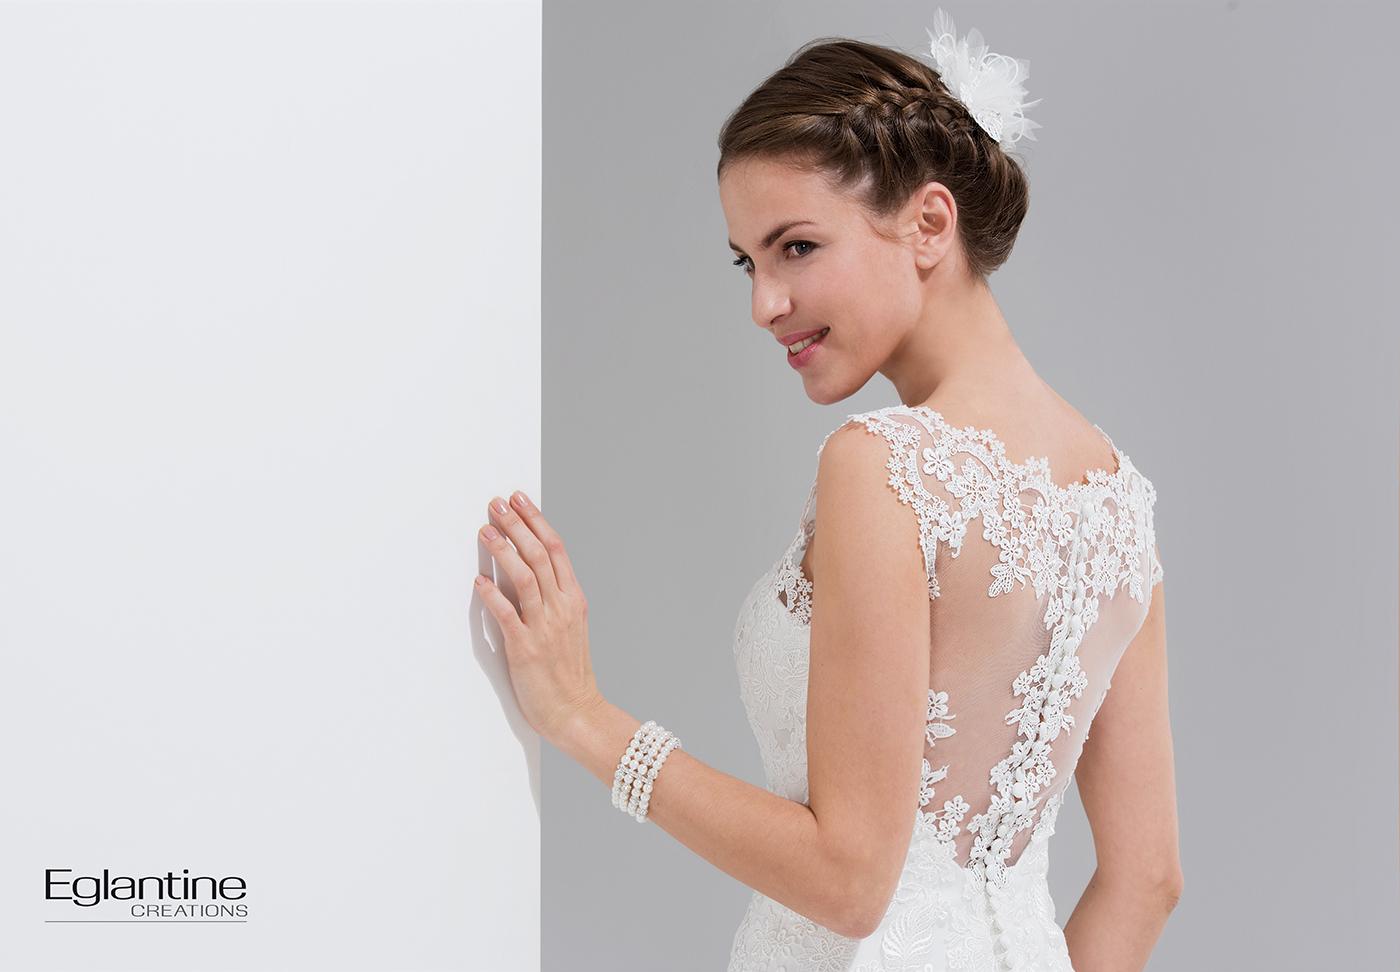 Eglantine Mariages Ceremonies Boutiques De Robes Et De